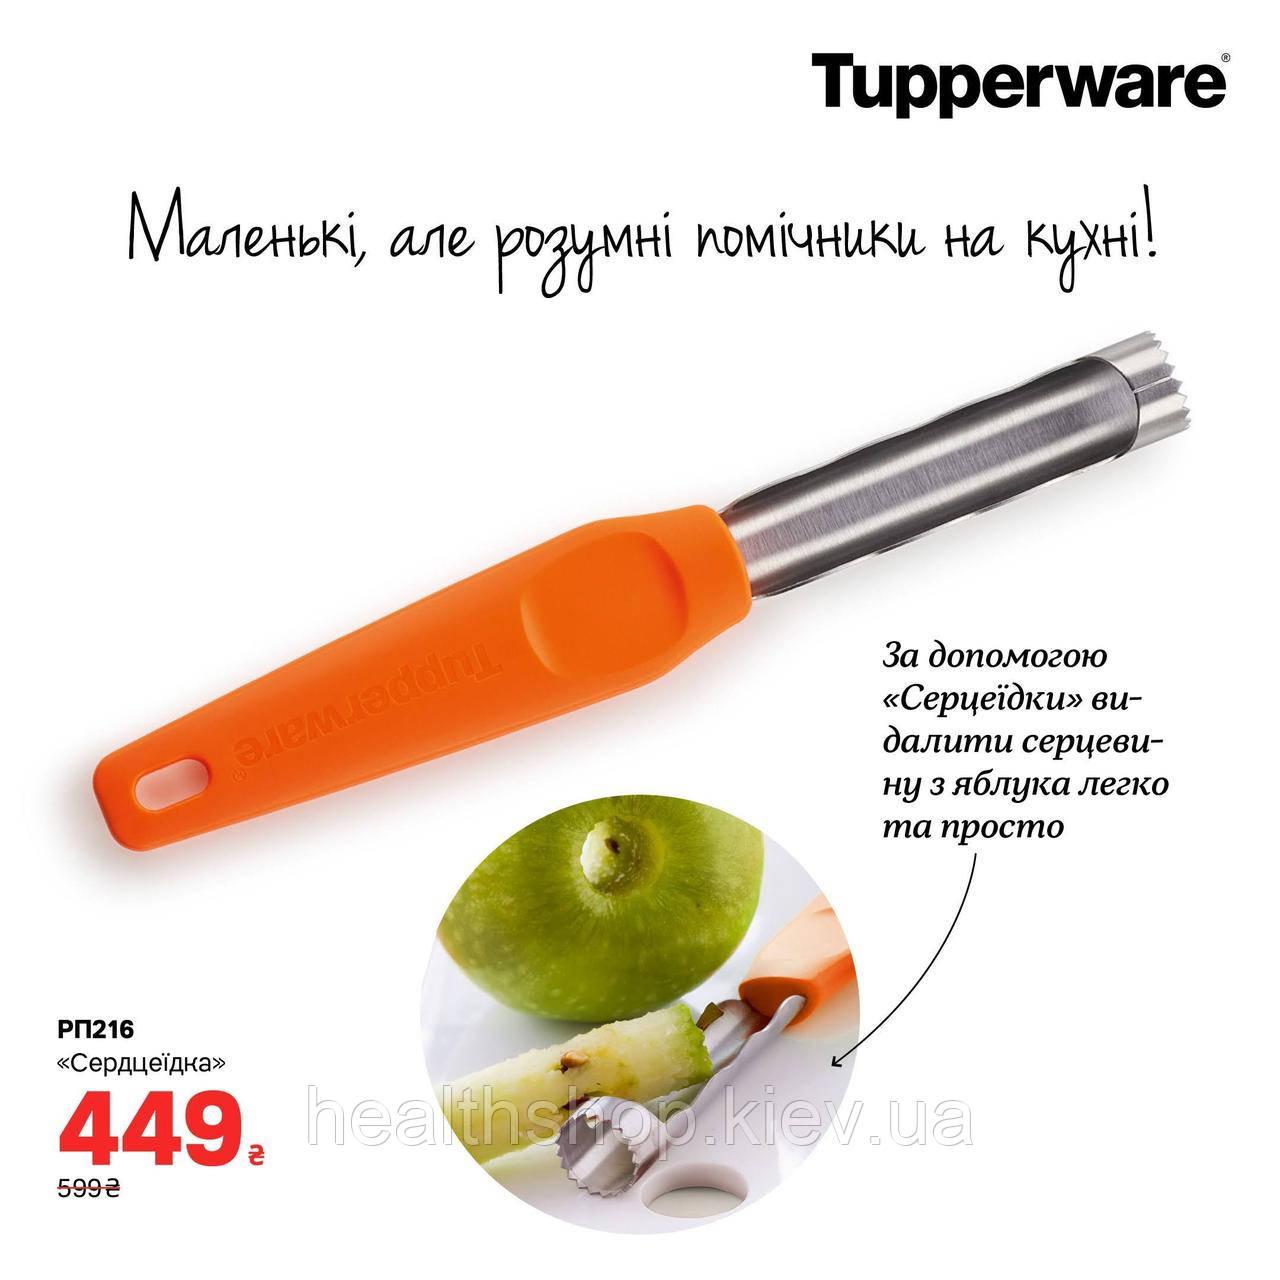 Серцеїдка, чищення яблук, чистилка для серцевини яблука Tupperware (Оригінал) Тапервер